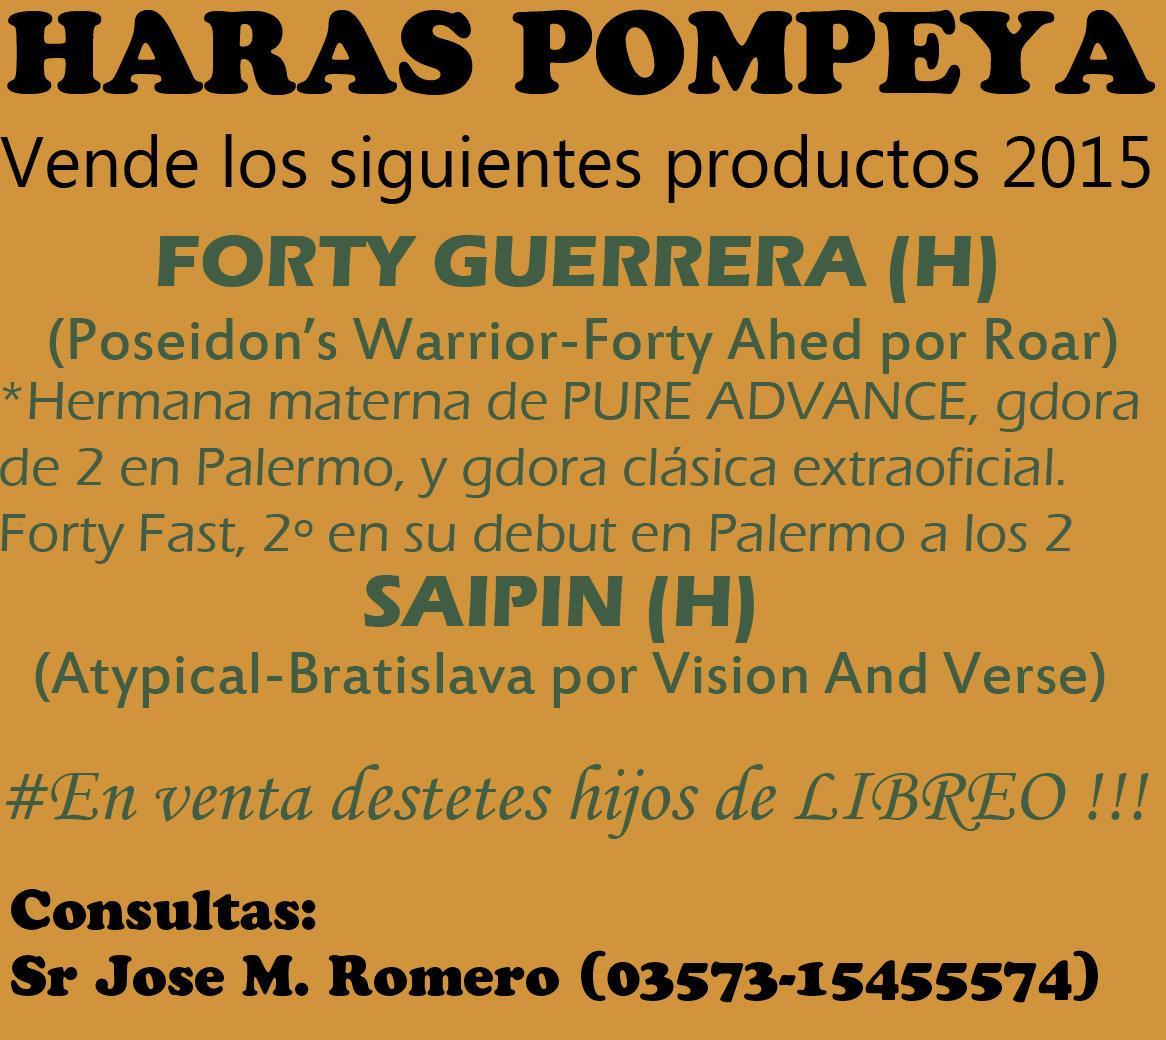 HS POMPEYA 3